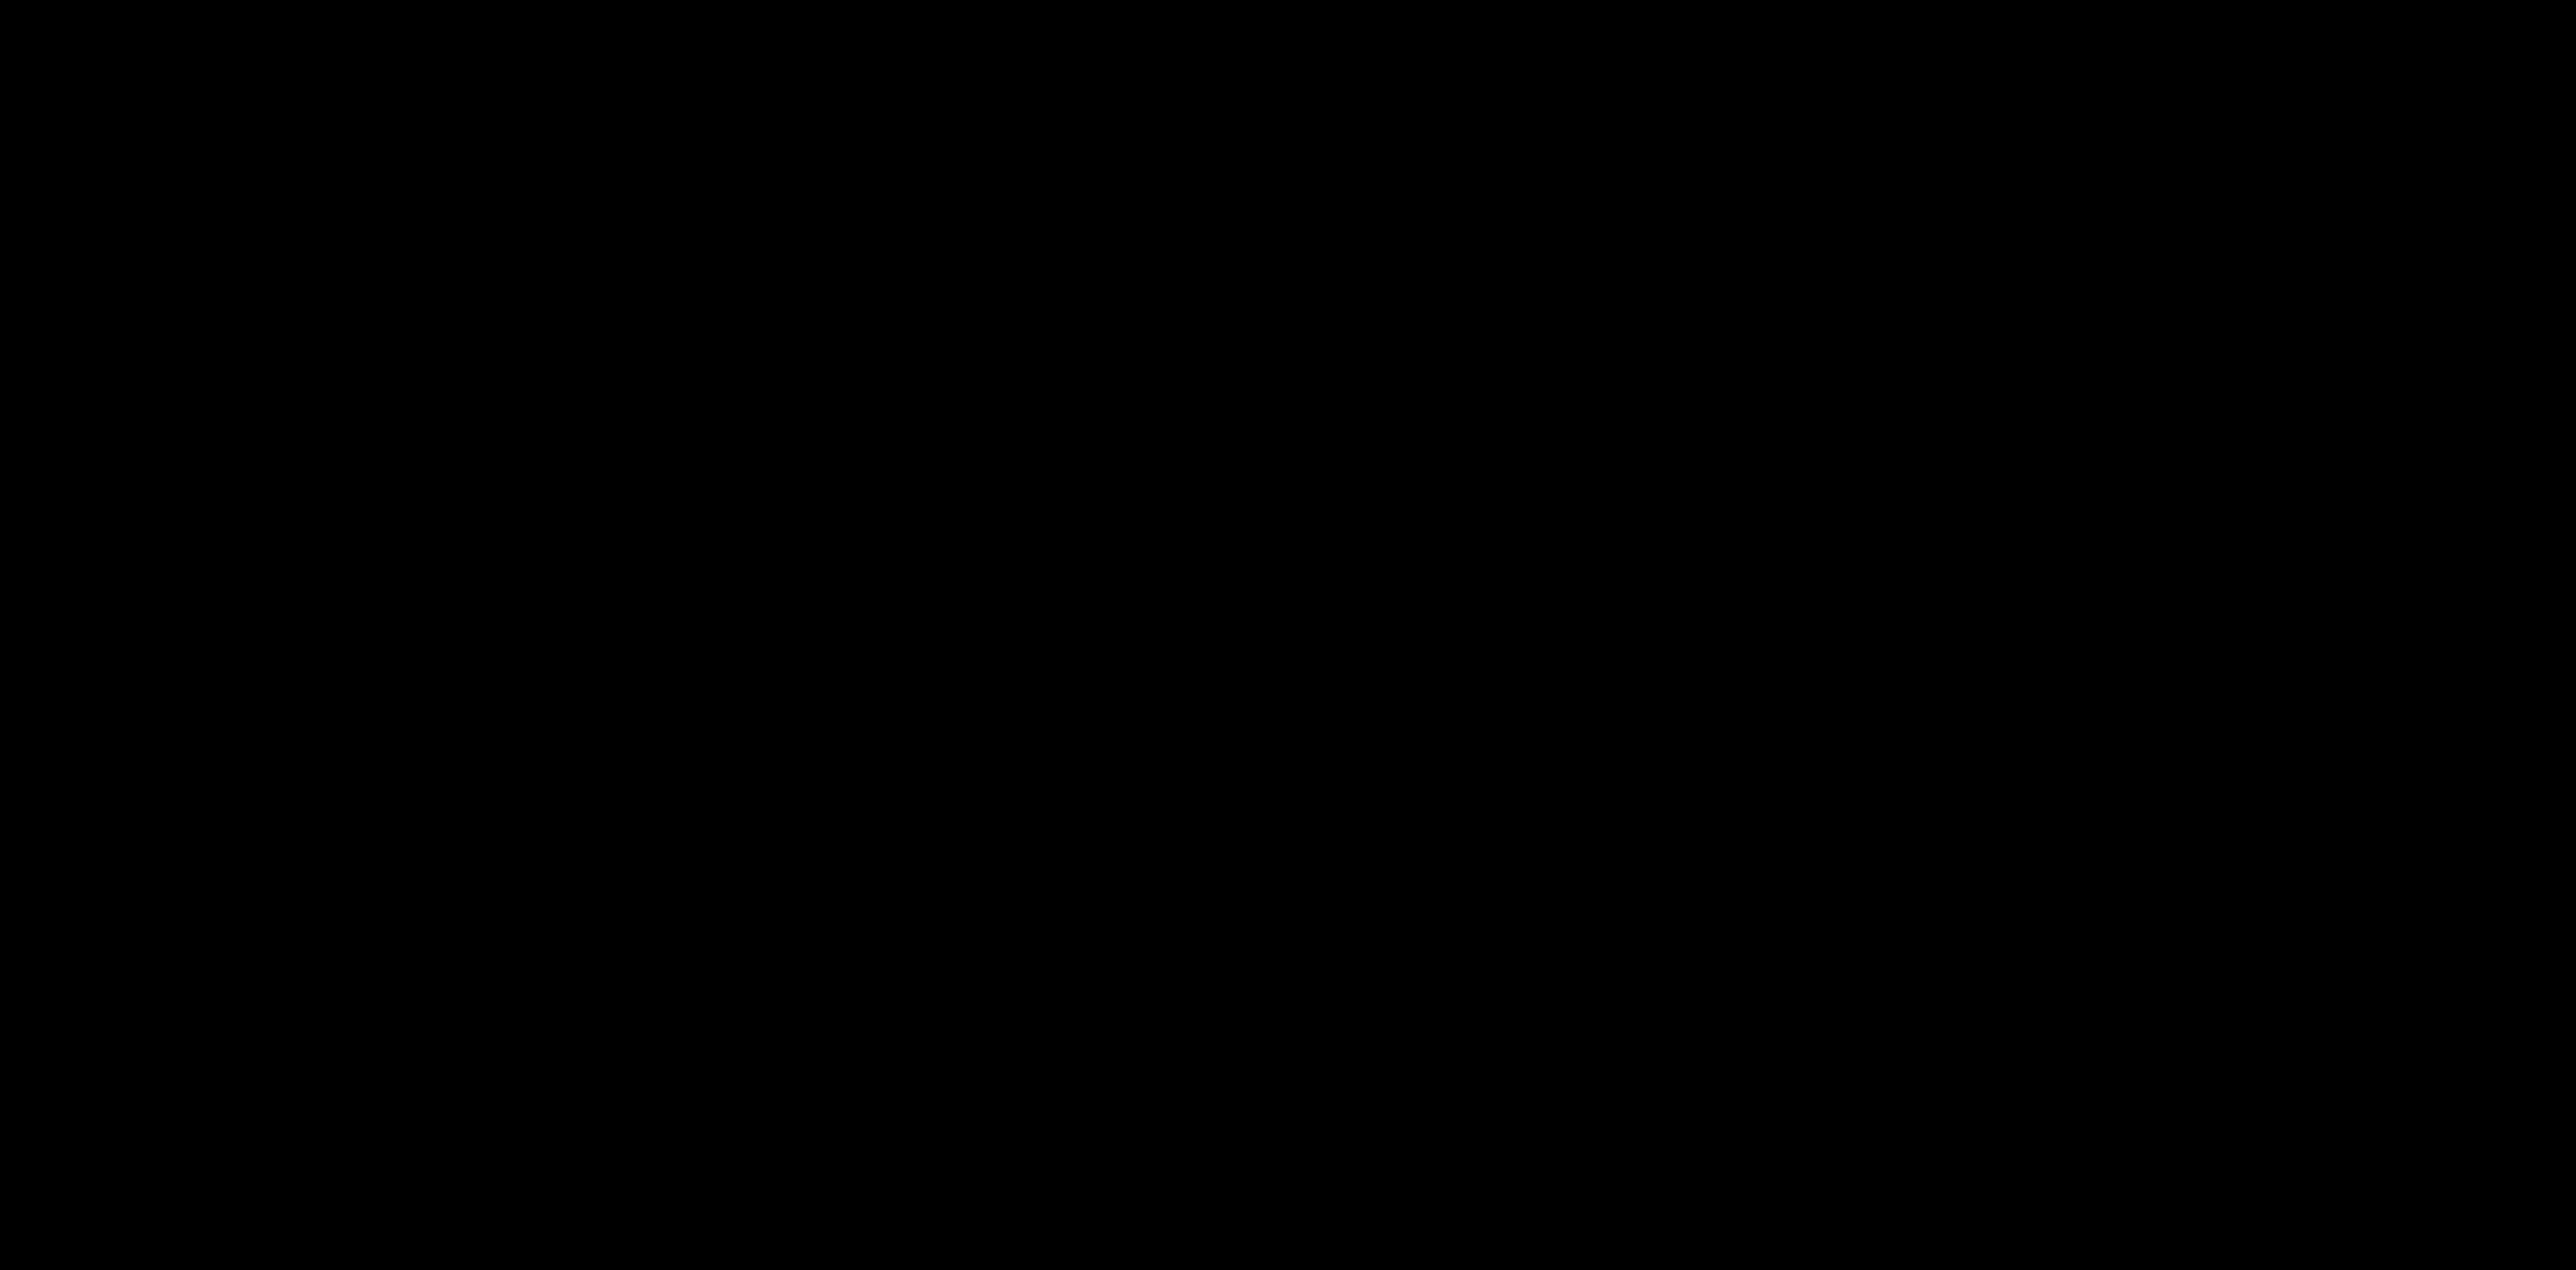 logo brand nike png